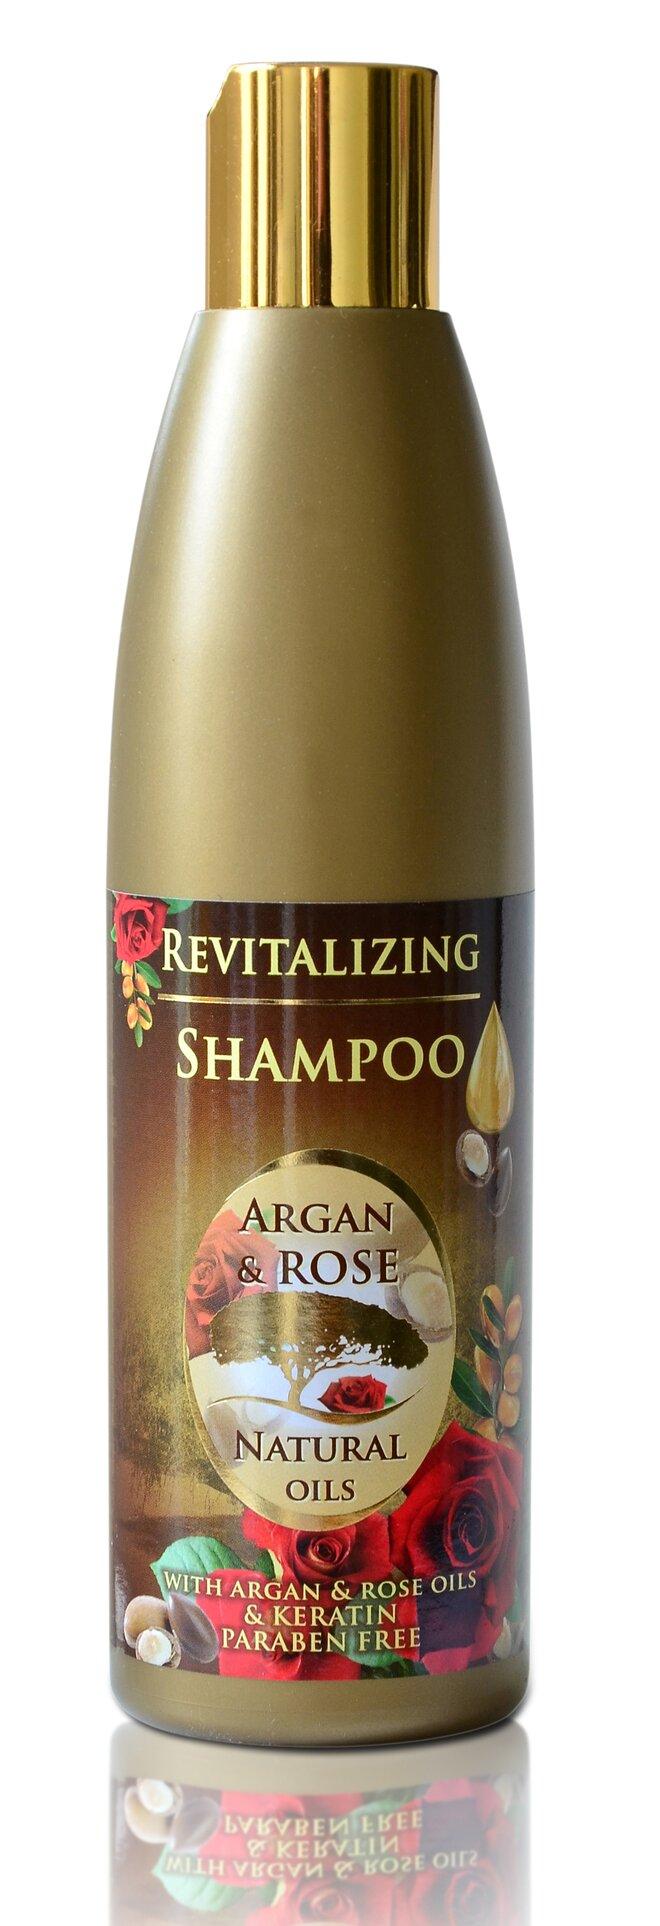 Šampon na vlasy Argan & Rose Natural Oils, 250 ml